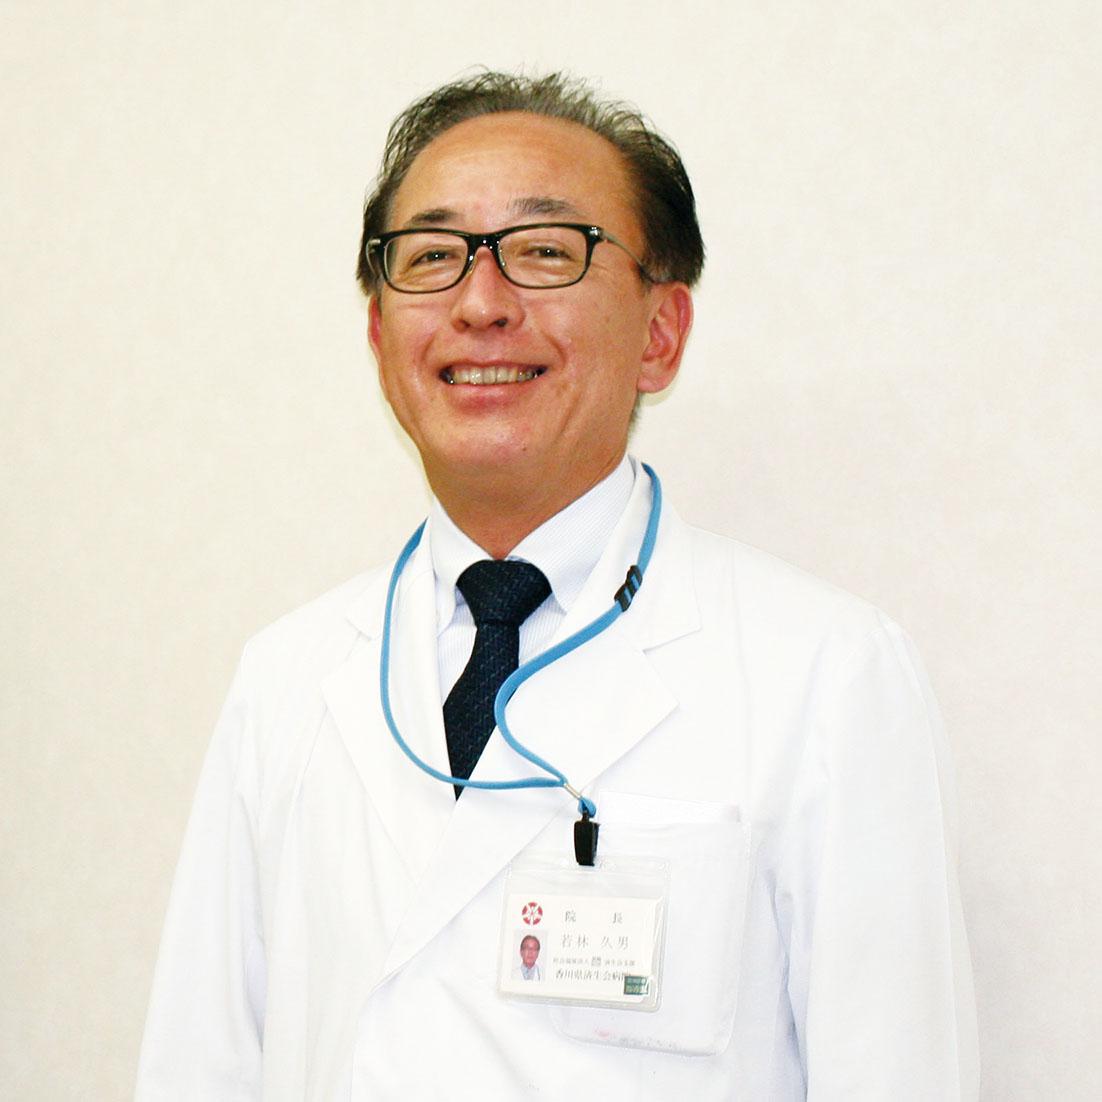 役割、機能を再検討 地域の急性期医療を担う